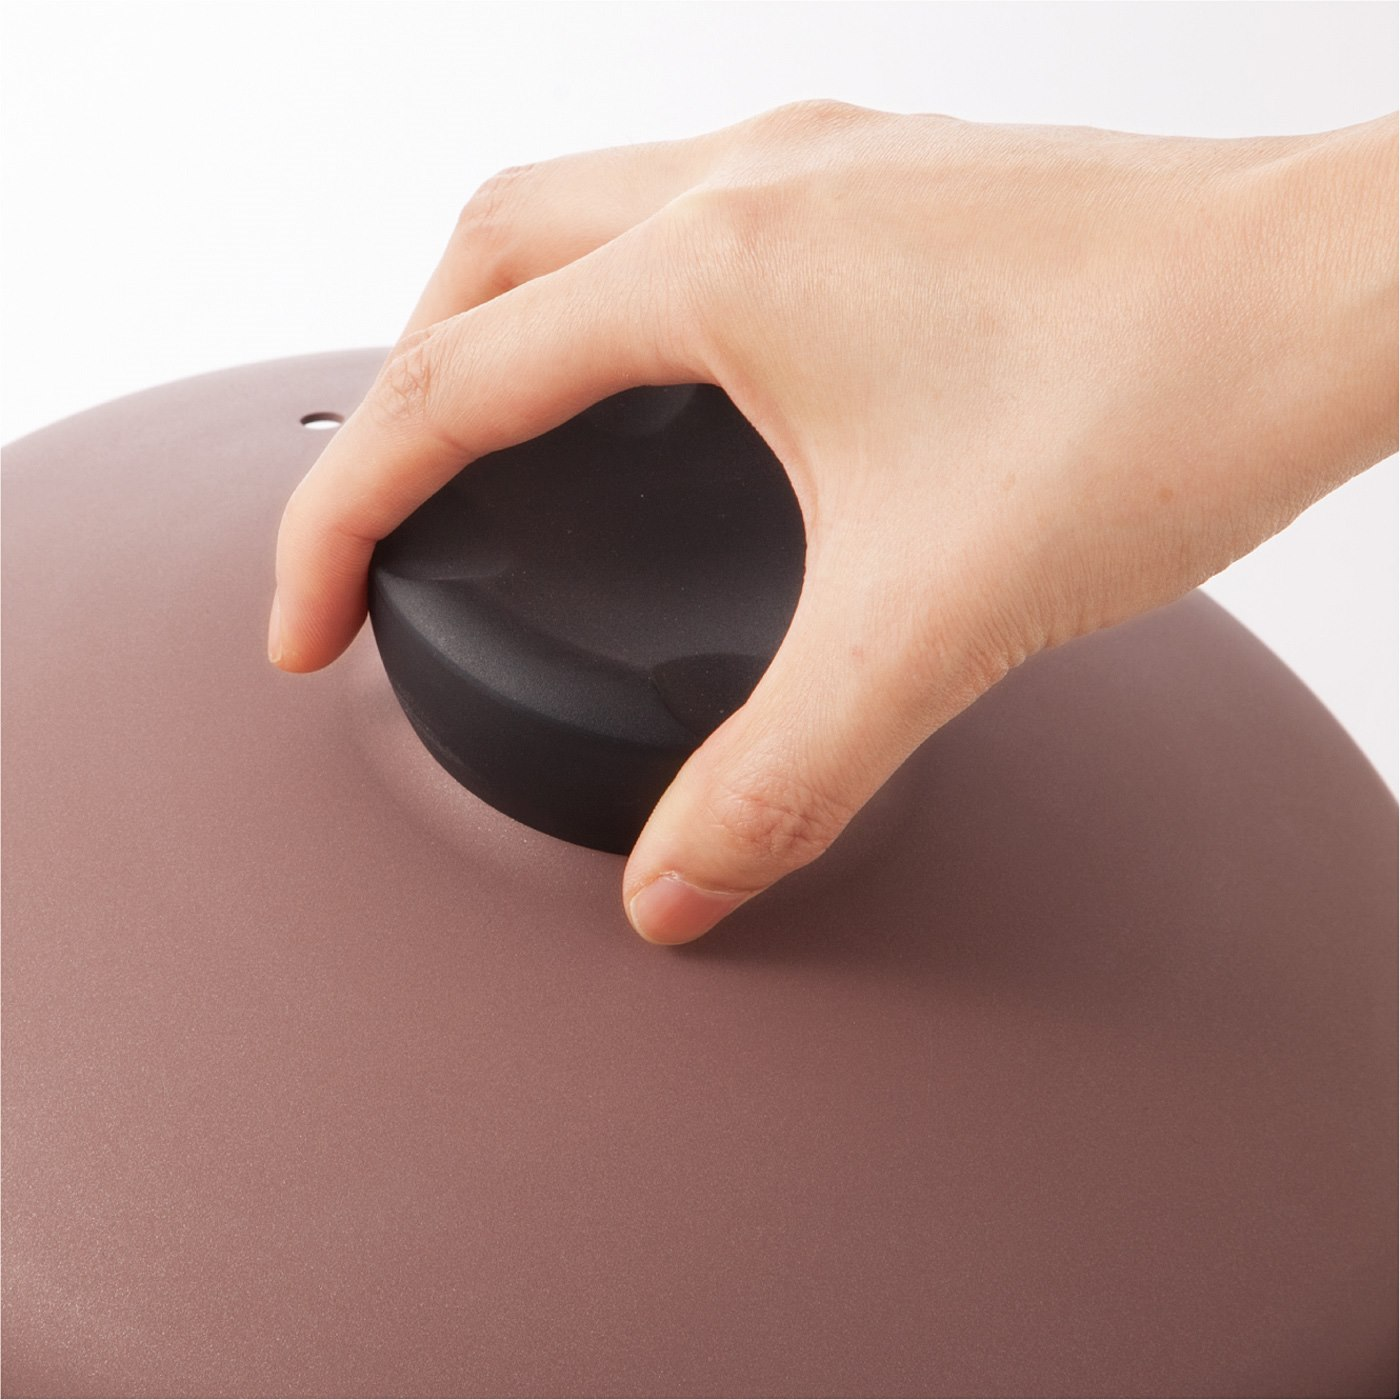 ふたは握りやすい形状で、返して置いても安定感バツグン。